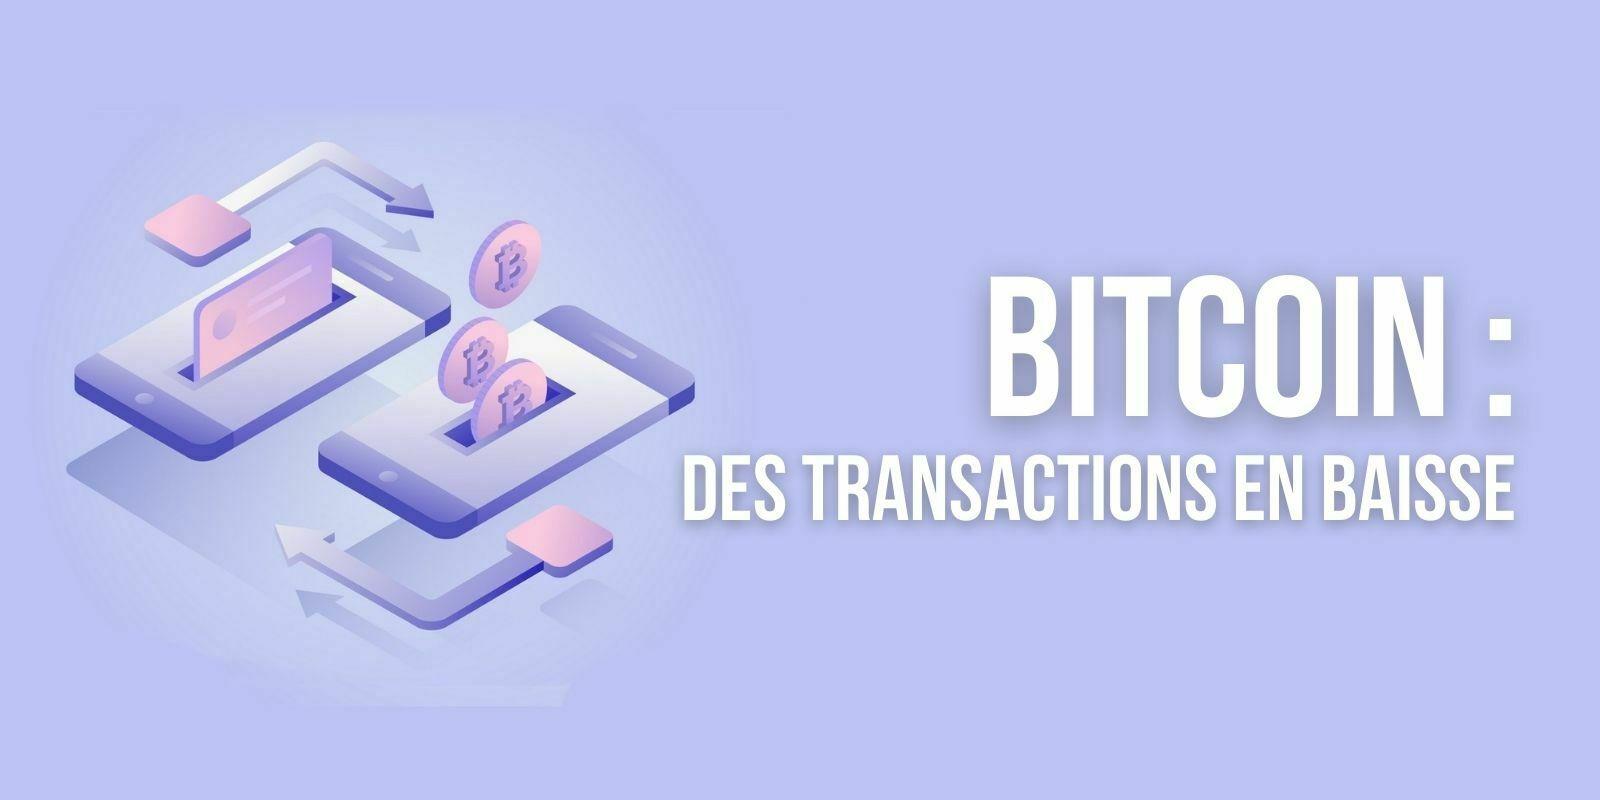 Bitcoin (BTC): le nombre de transactions chute, les frais aussi